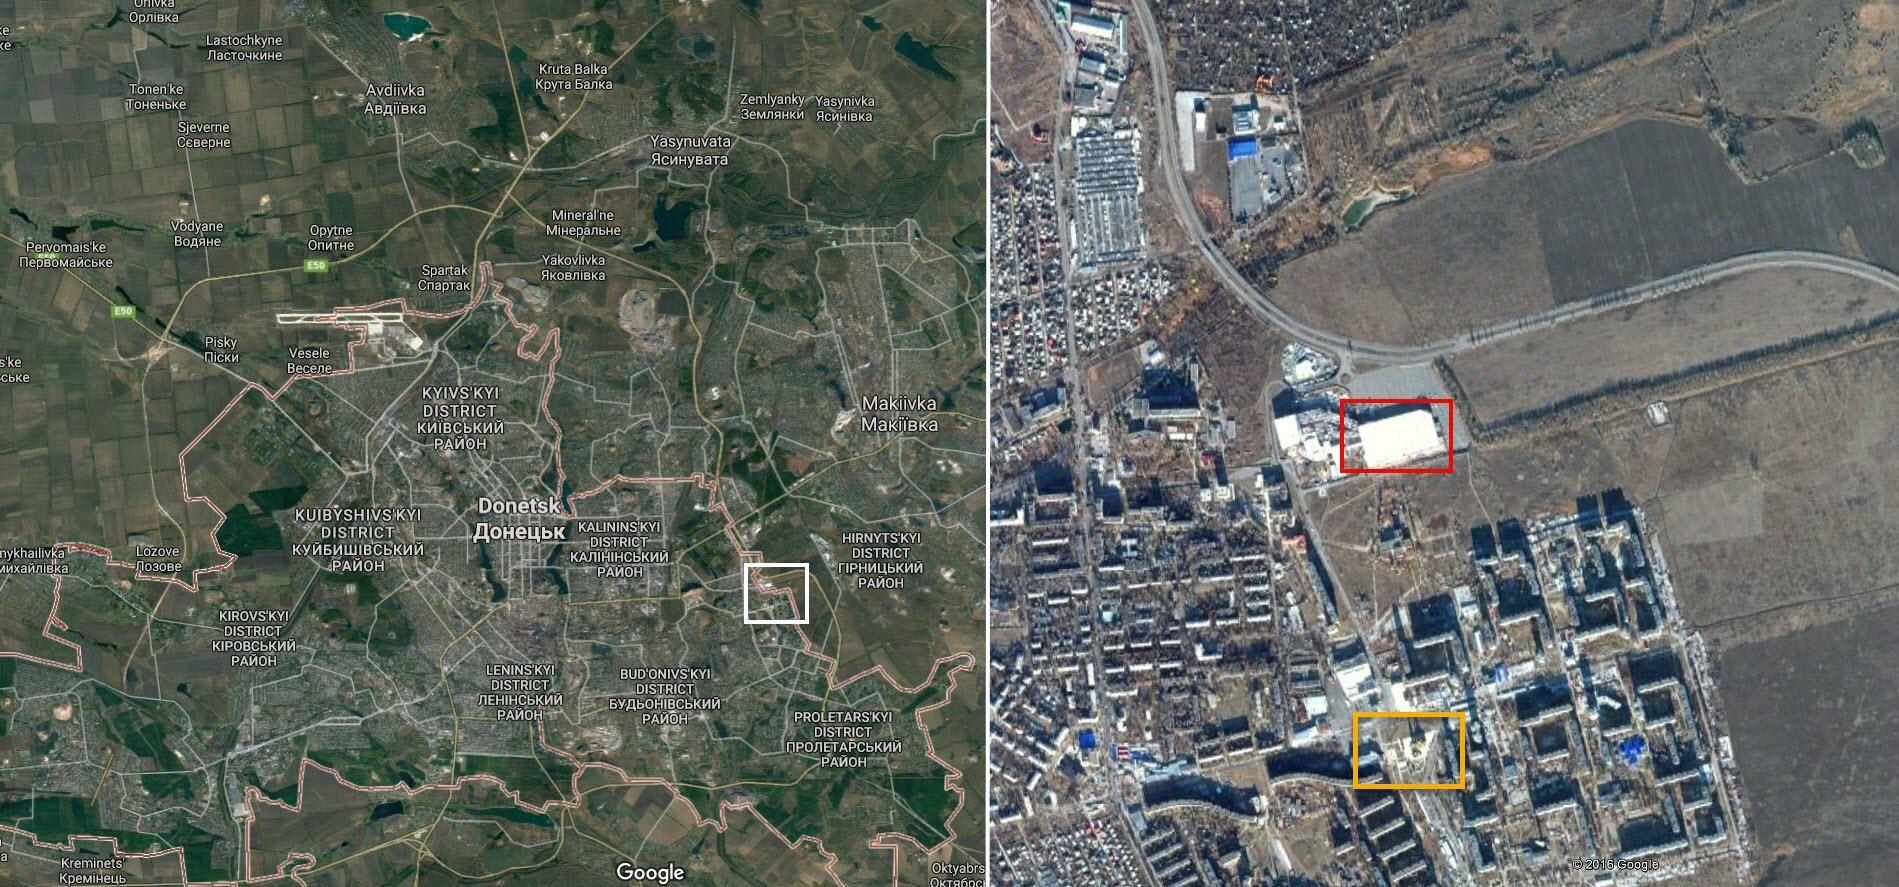 Сепаратисты применяют «Грады» в жилых кварталах Донецка— Bellingcat